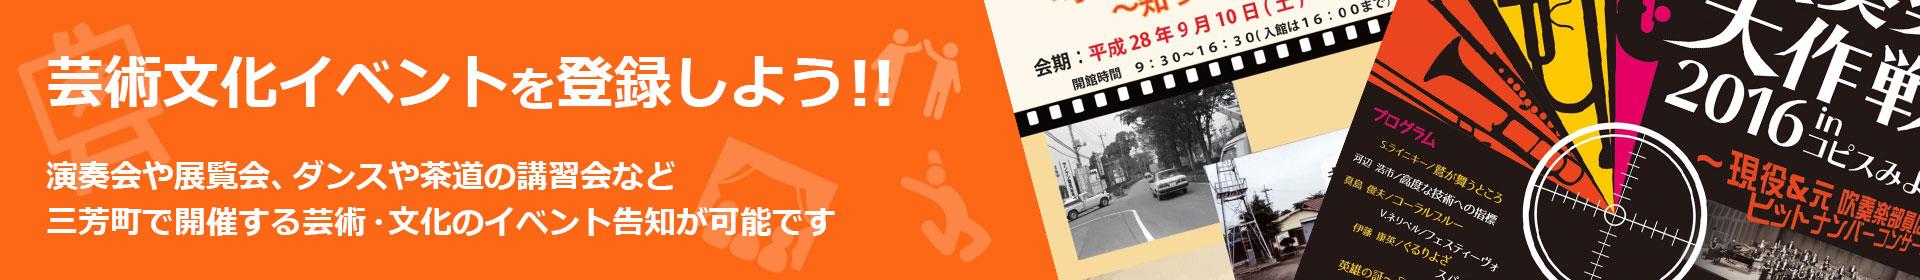 芸術文化イベントを登録しよう!! 演奏会や展覧会     ダンスや茶道など三芳町で開催する芸術・文化のイベント告知が可能です